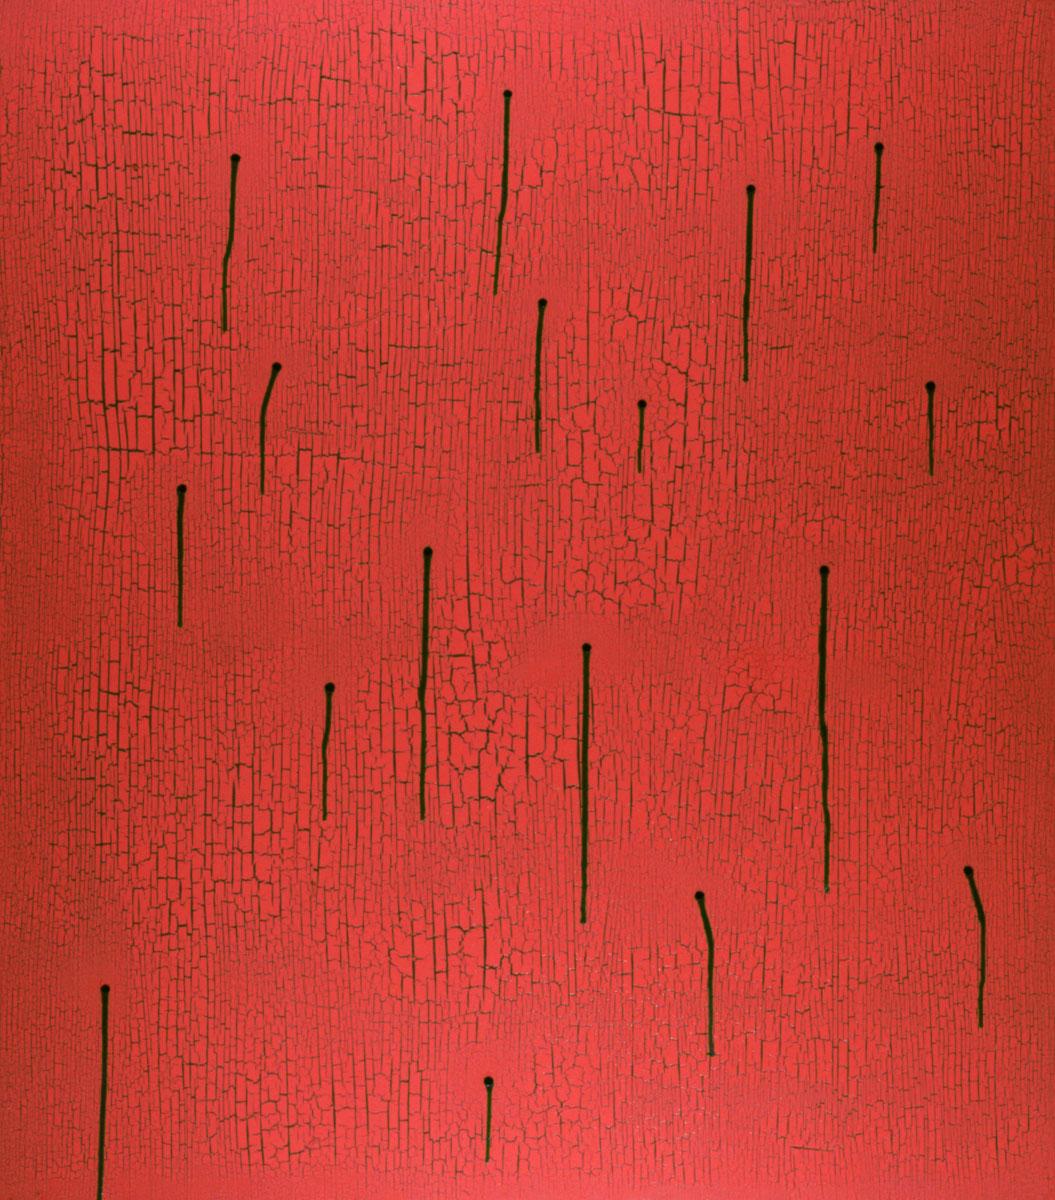 V.F. 1990. 150 x 120. Canvas, acrylic, oil.